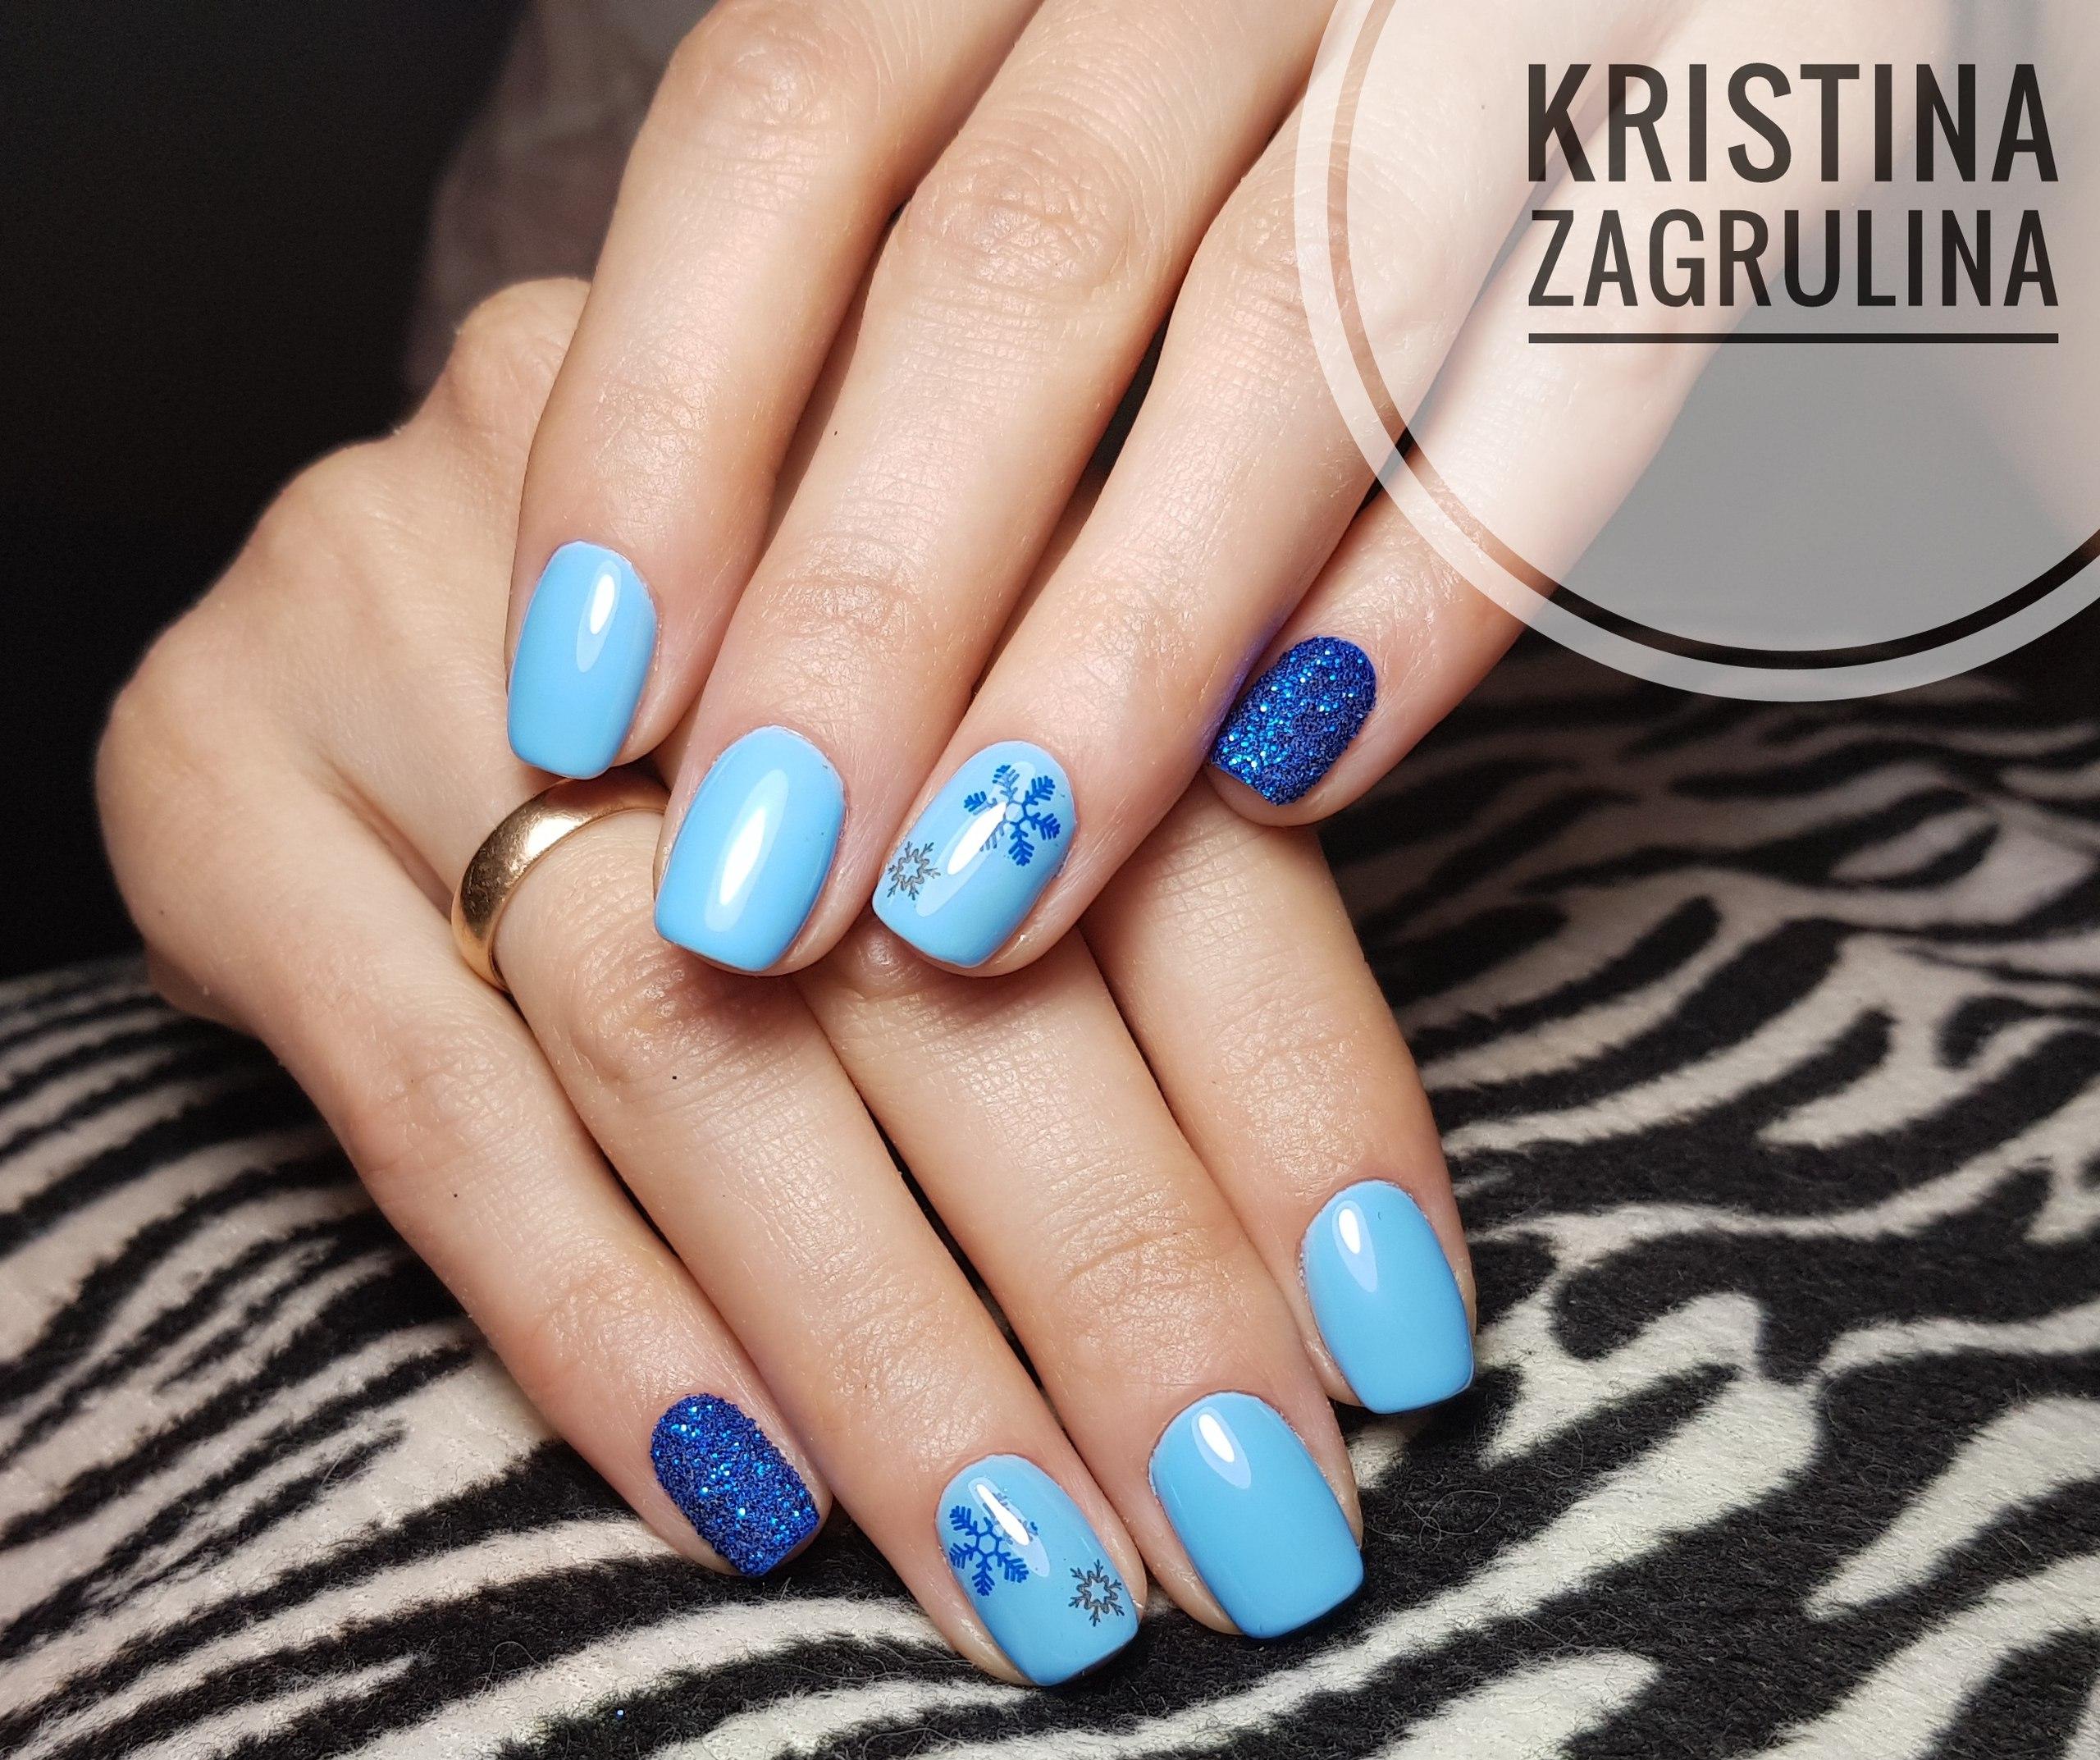 Зимний маникюр в голубом цвете, с синим акцентом  и снежинками снежинка ❄